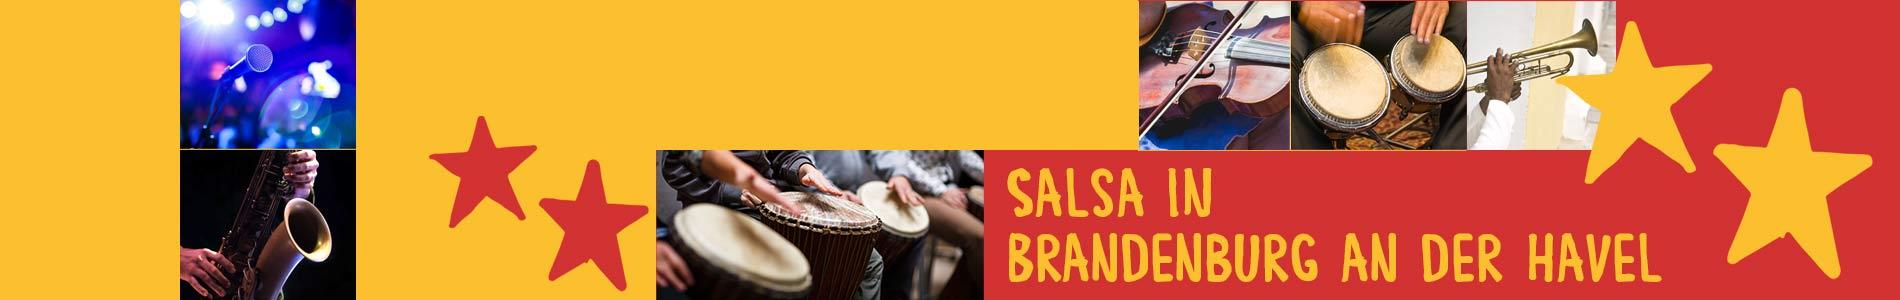 Salsa in Brandenburg an der Havel – Salsa lernen und tanzen, Tanzkurse, Partys, Veranstaltungen